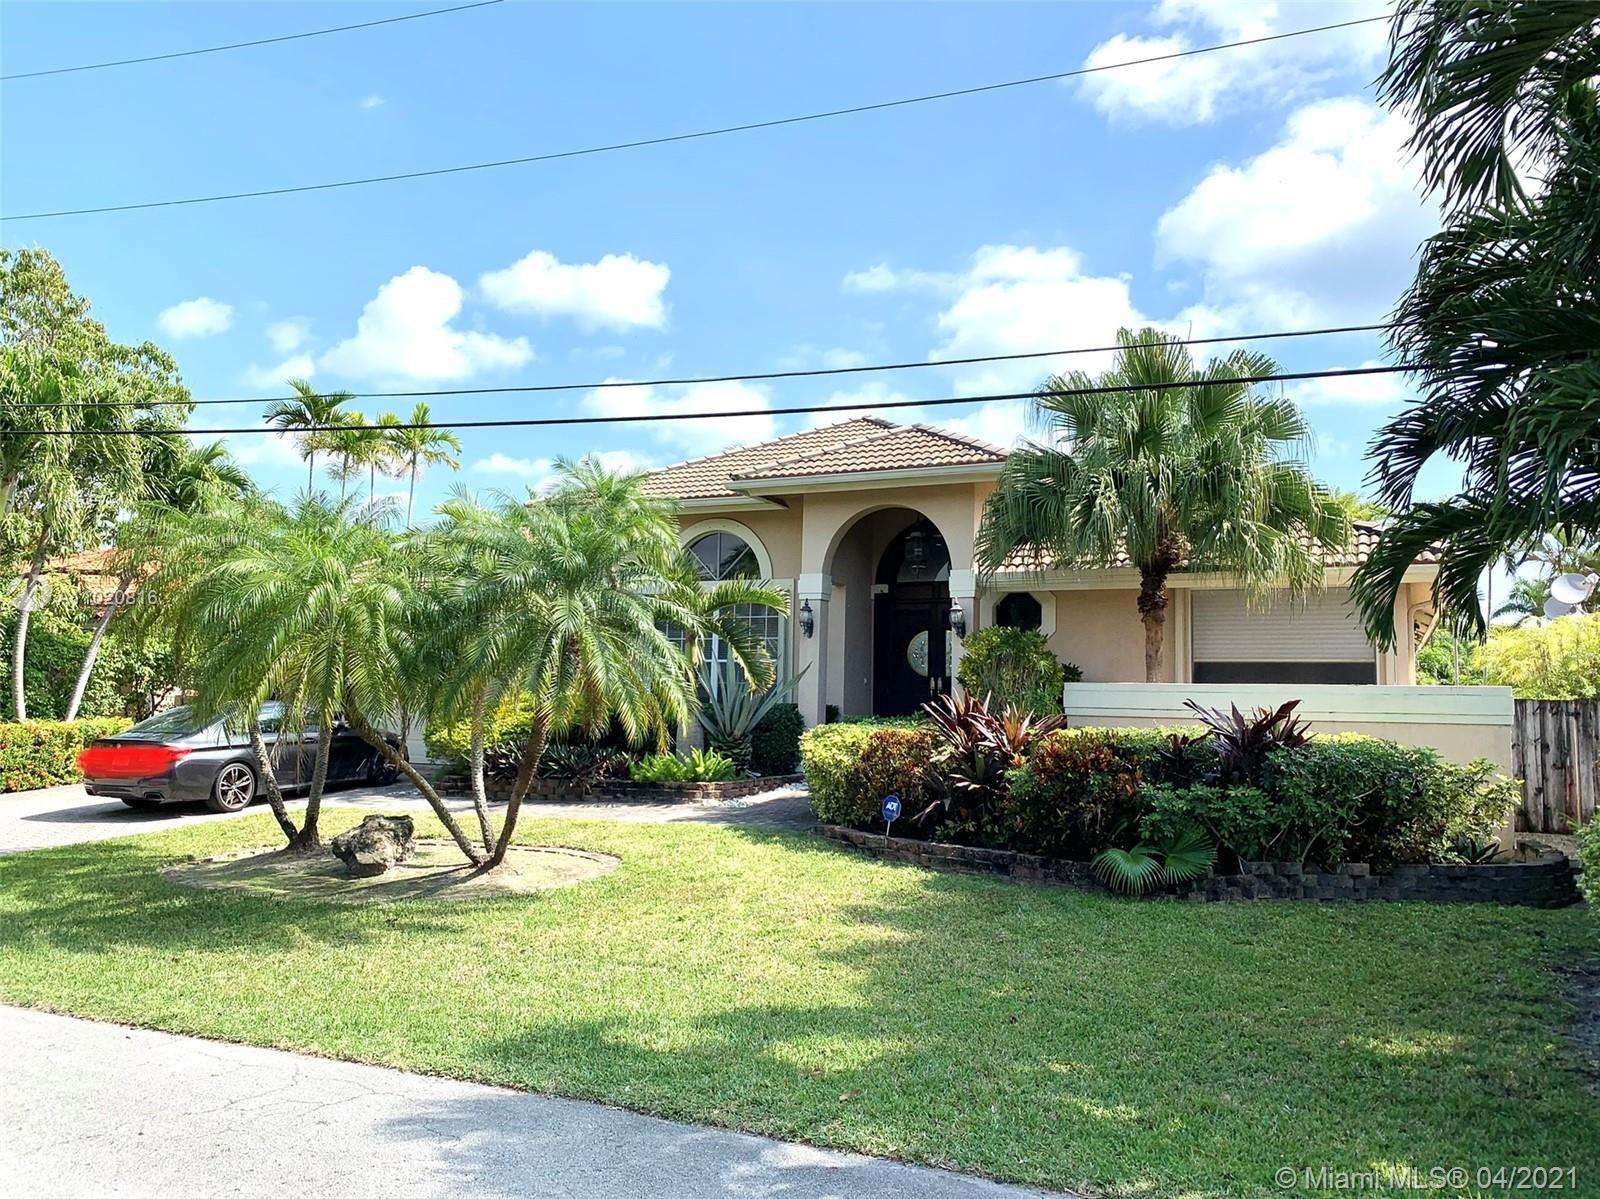 16421 NE 34th Ave, North Miami Beach, FL 33160 - #: A11020816